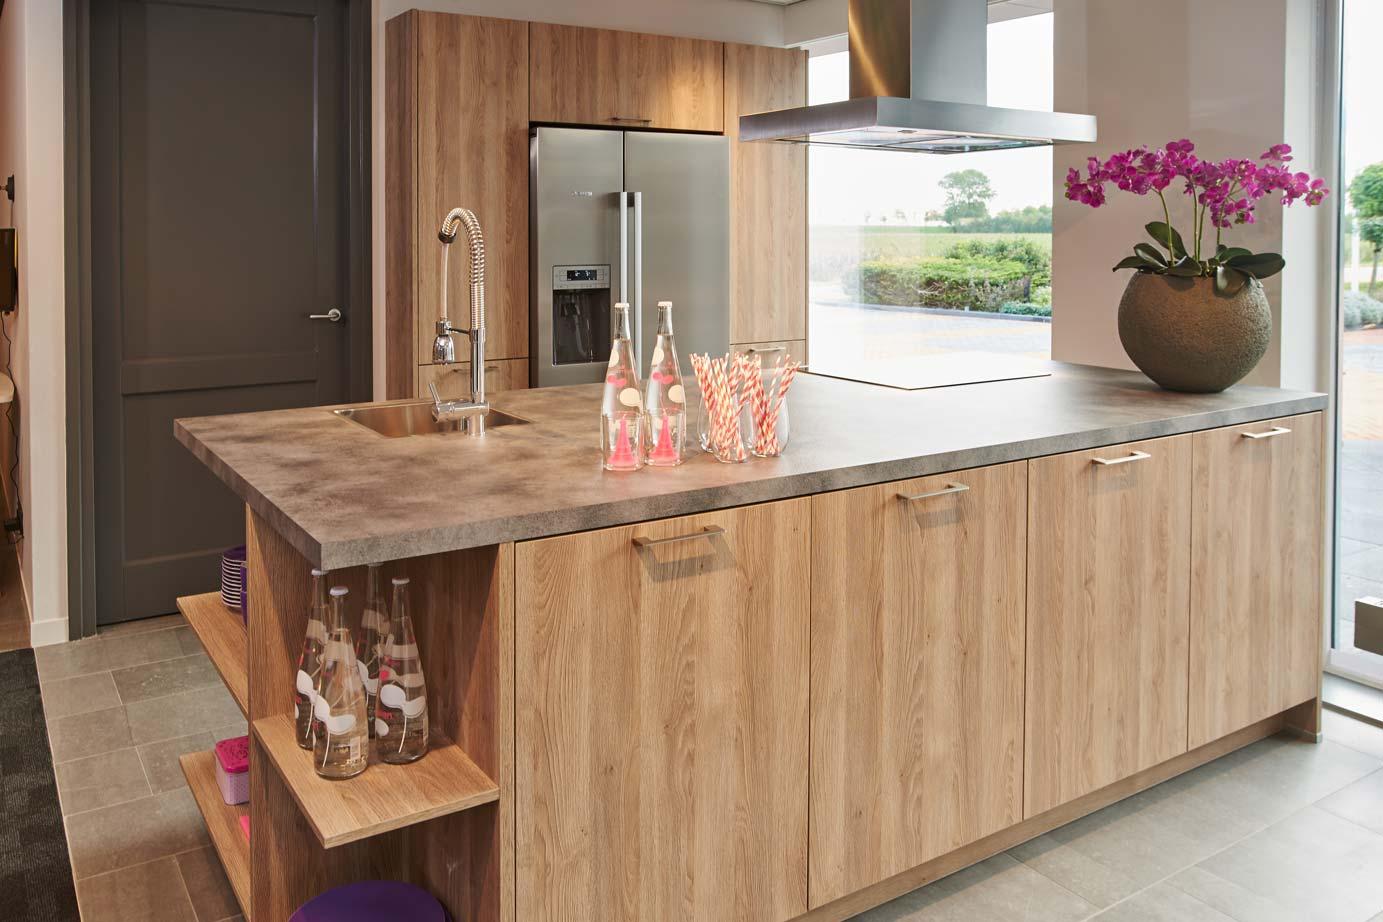 Moderne Keuken Met Kookeiland : Moderne keuken met kookeiland